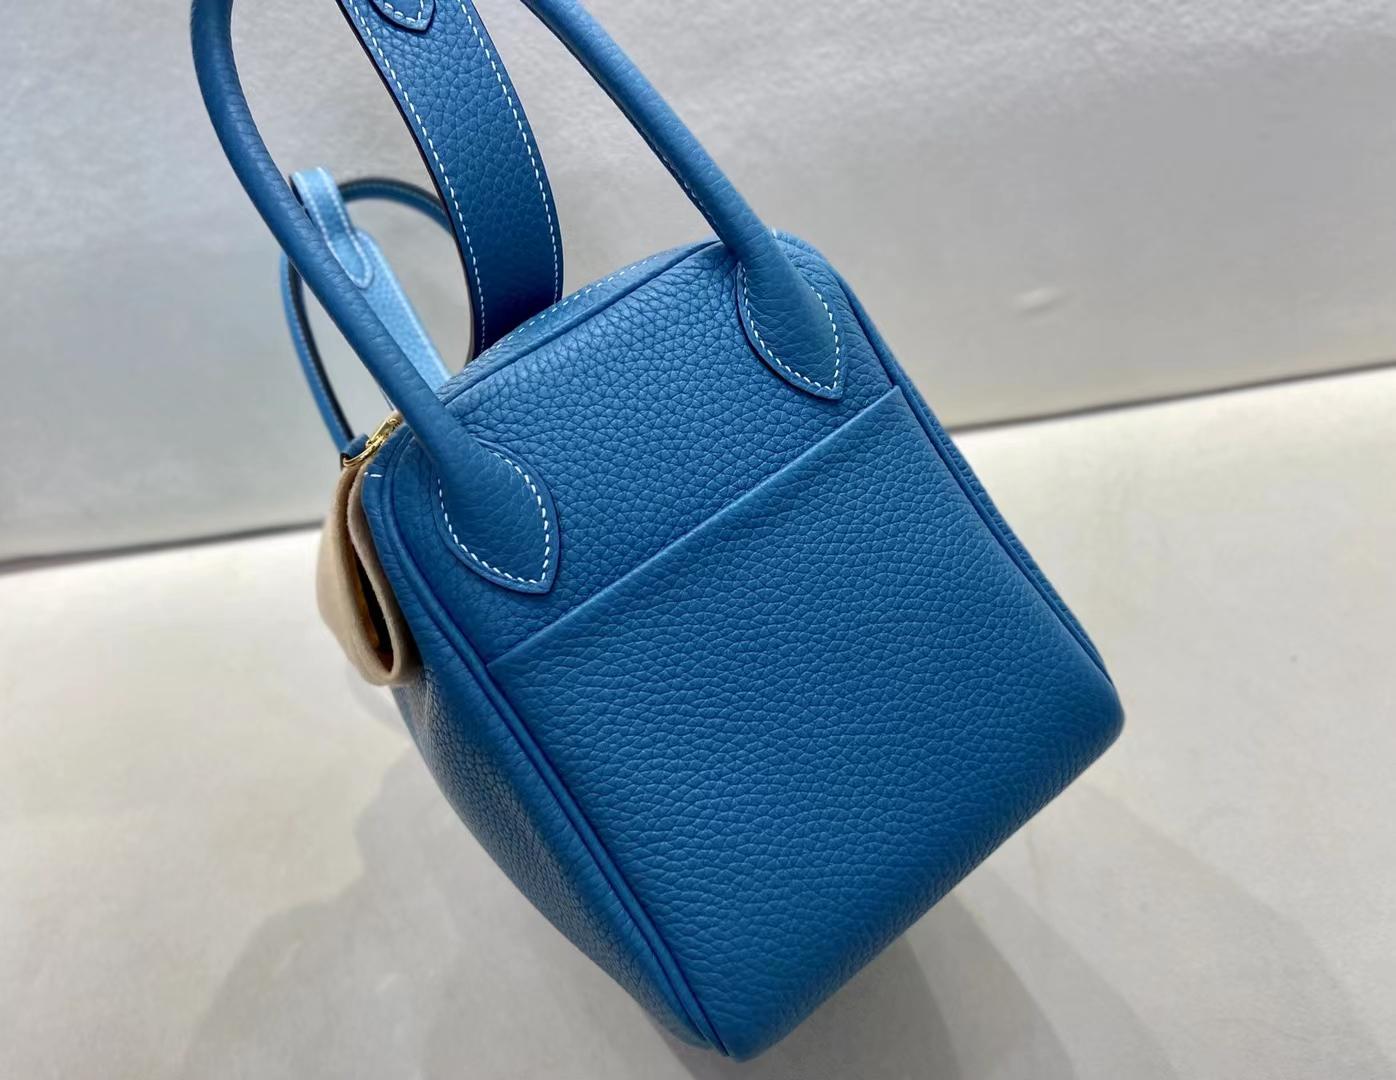 Hermès(爱马仕)Lindy 琳迪包 TC 牛仔蓝 26cm 金扣 顶级现货